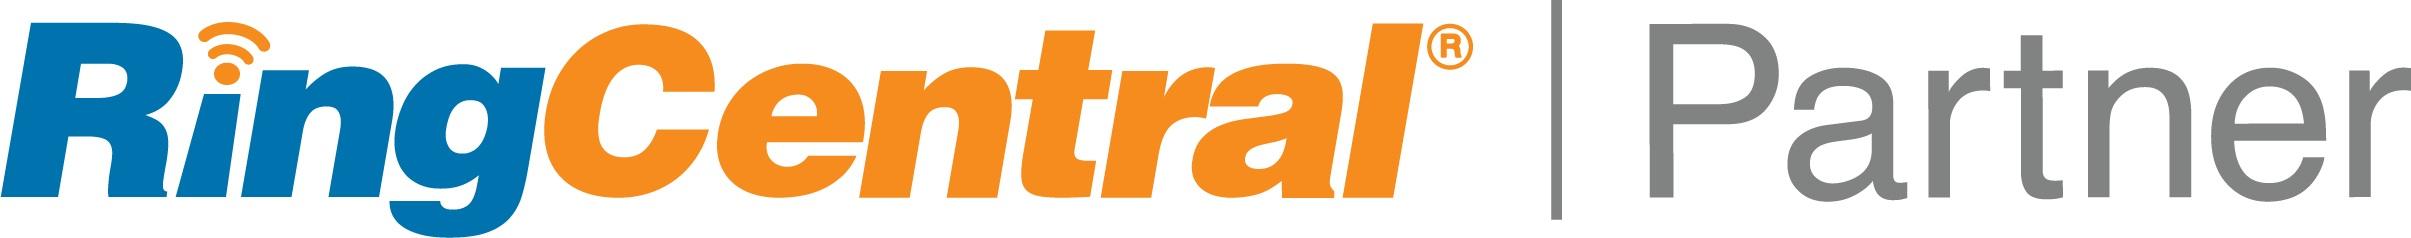 ringcentral-partner-logo.jpg